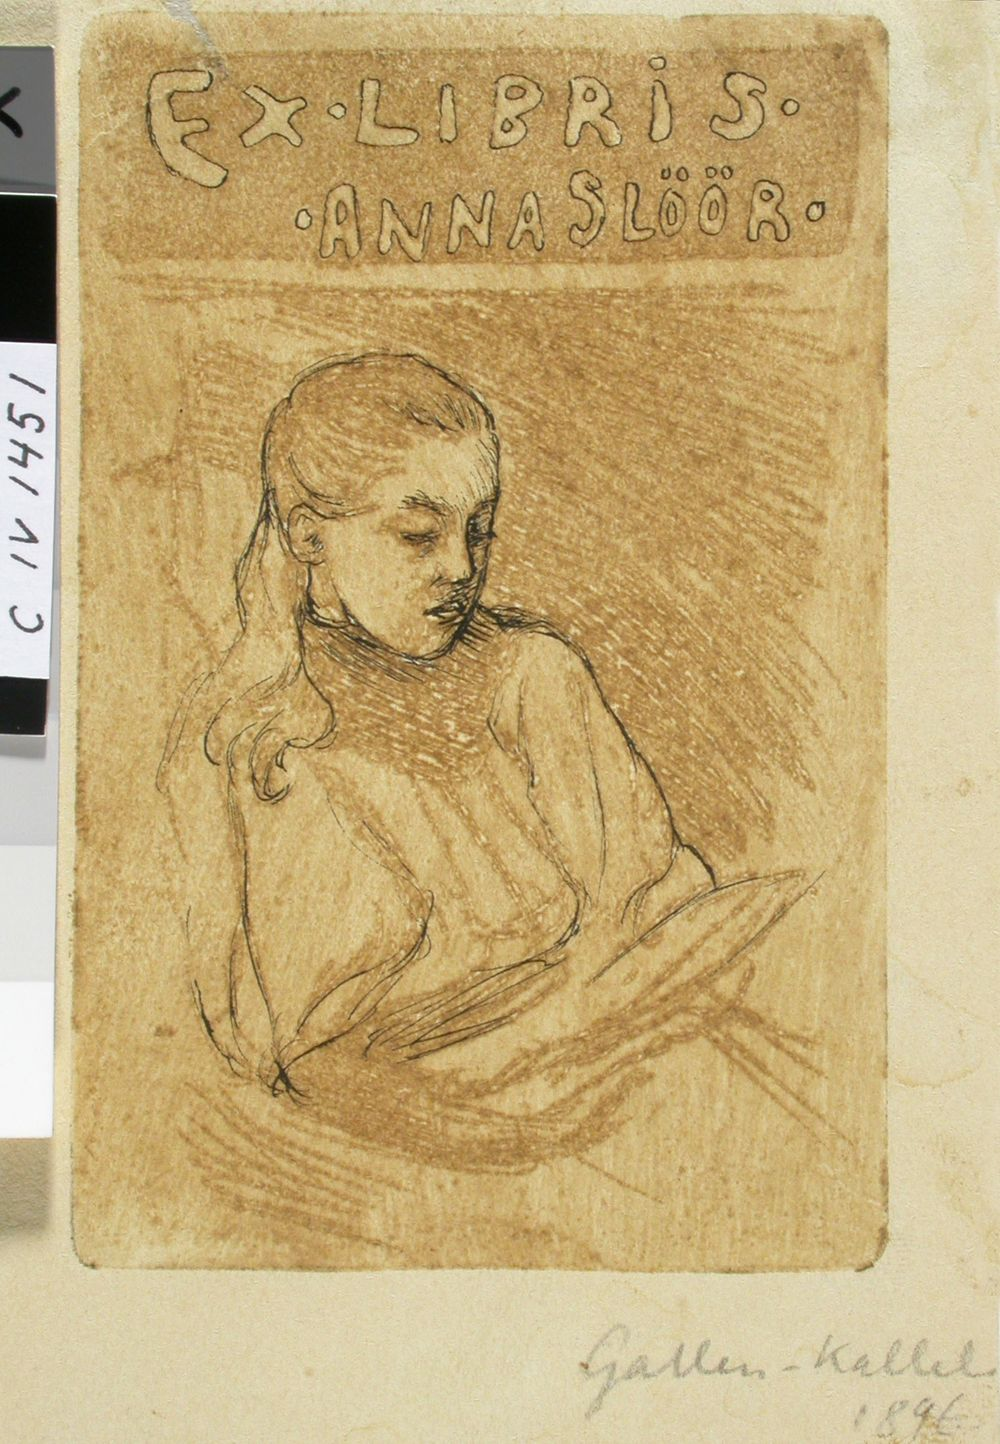 Anna Slöörin exlibris